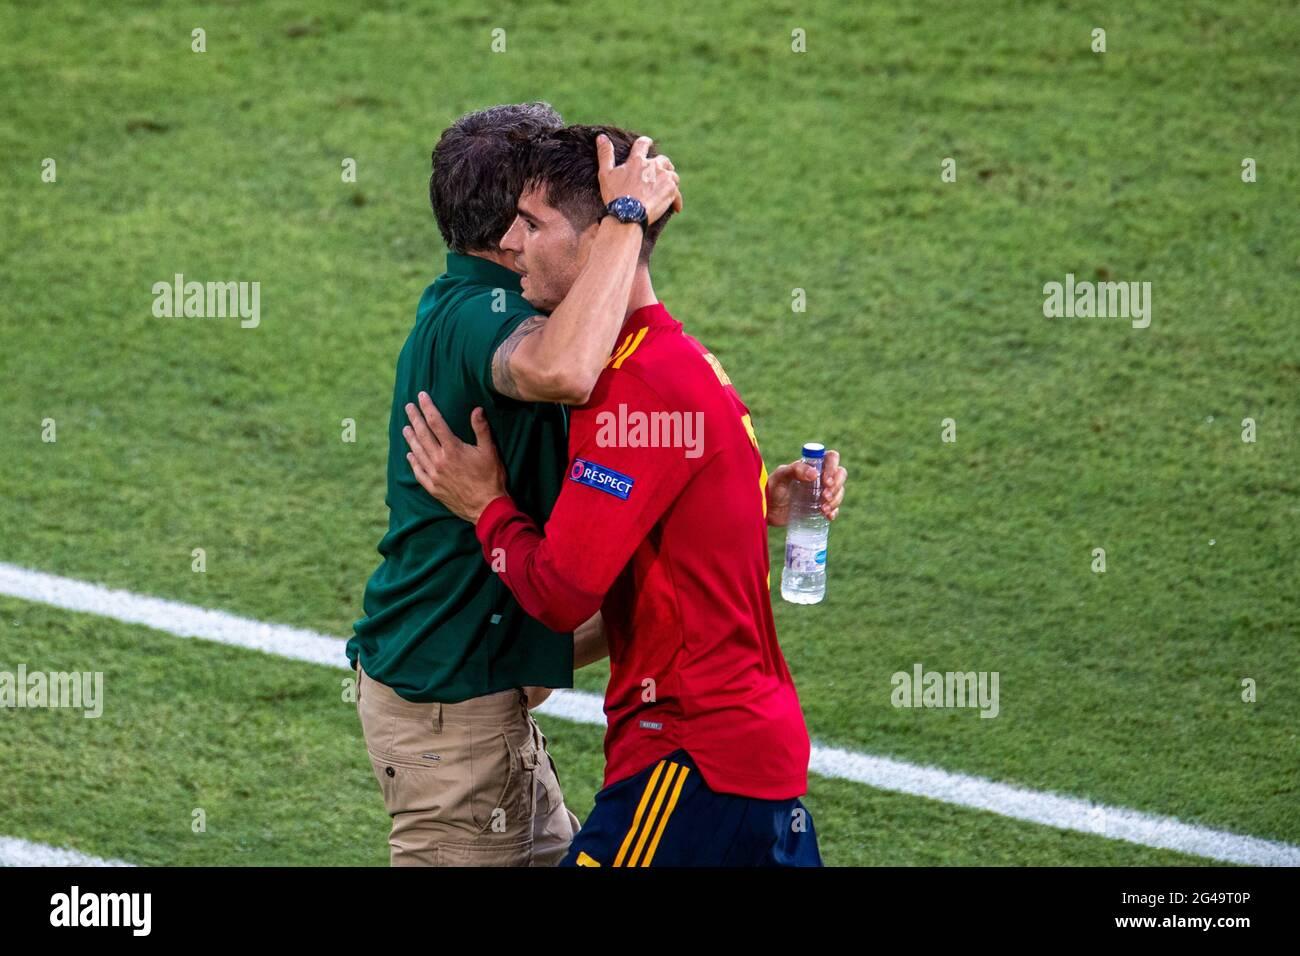 Séville, Espagne. 19 juin 2021. Alvaro Morata (R) en Espagne célèbre son but avec l'entraîneur Luis Enrique lors du match du Groupe E entre l'Espagne et la Pologne à l'Euro 2020 de l'UEFA à Séville, Espagne, le 19 juin 2021. Credit: Meng Dingbo/Xinhua/Alay Live News Banque D'Images